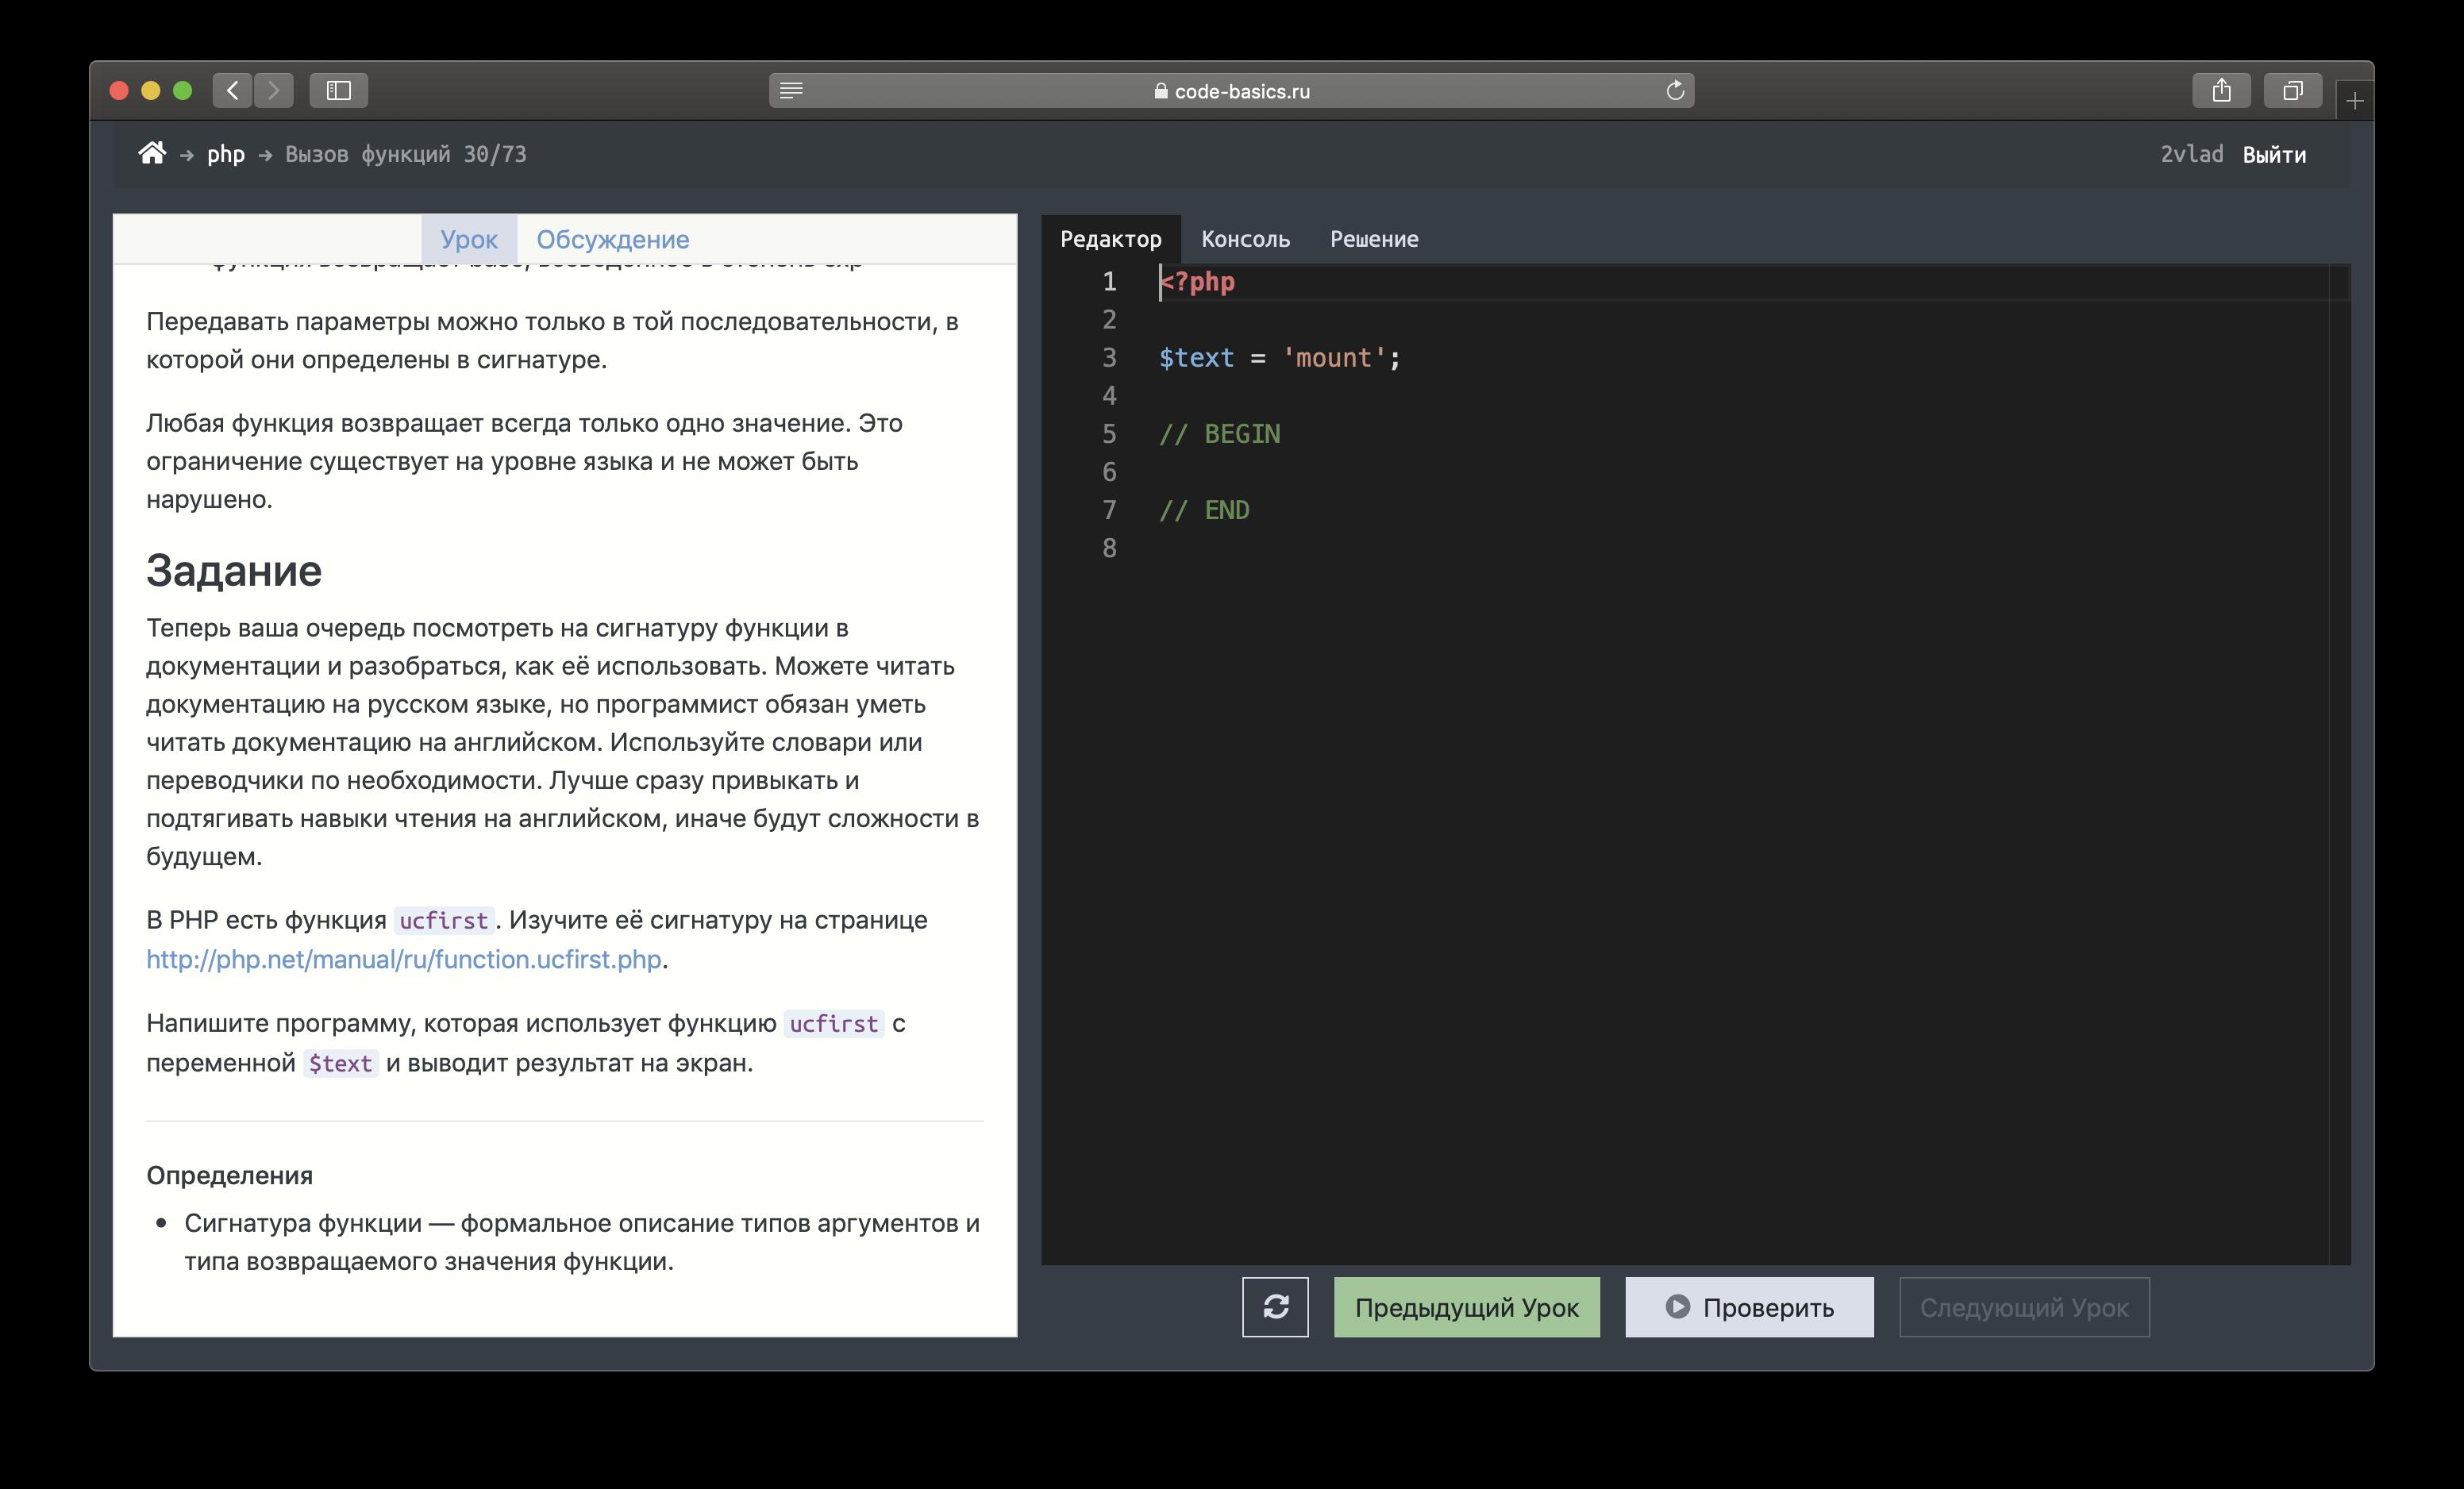 Шесть бесплатных автоматизированных платформ для изучения программирования - 2